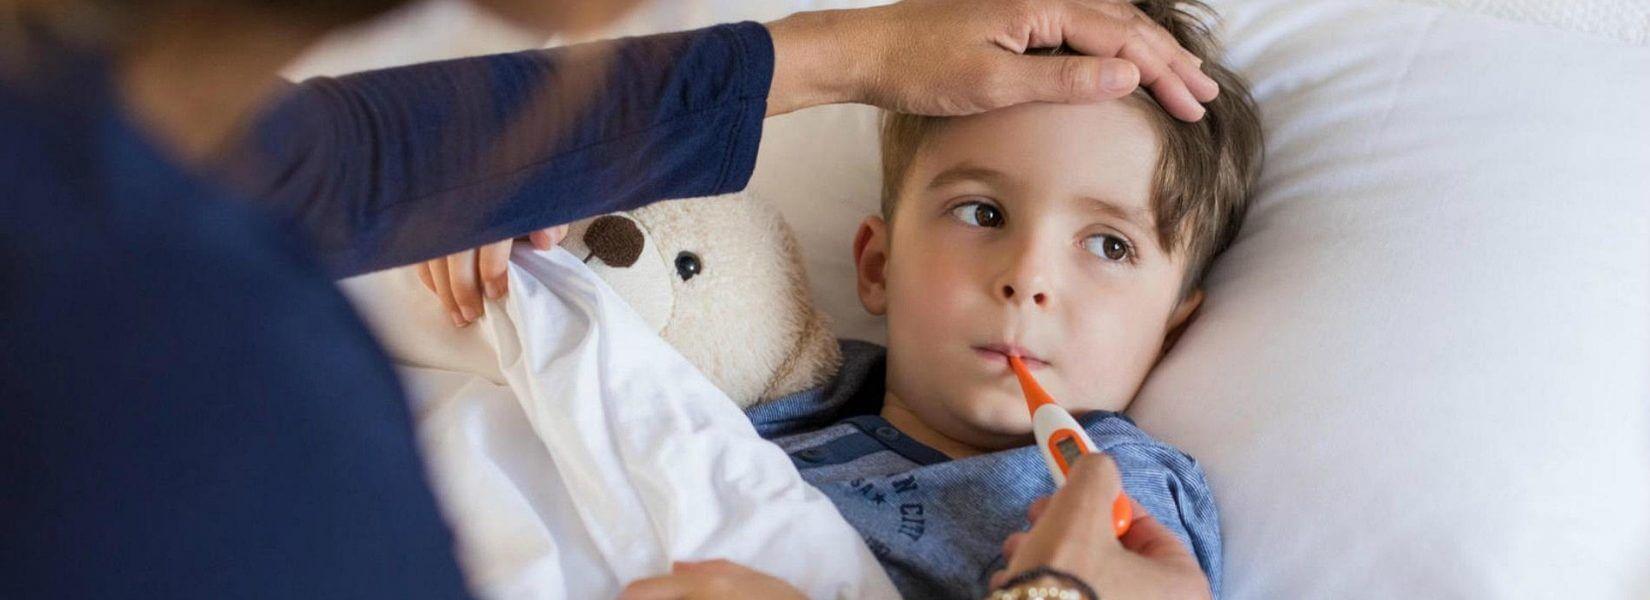 Η1Ν1: Τι πρέπει να ξέρουν οι γονείς για τη γρίπη του χειμώνα;